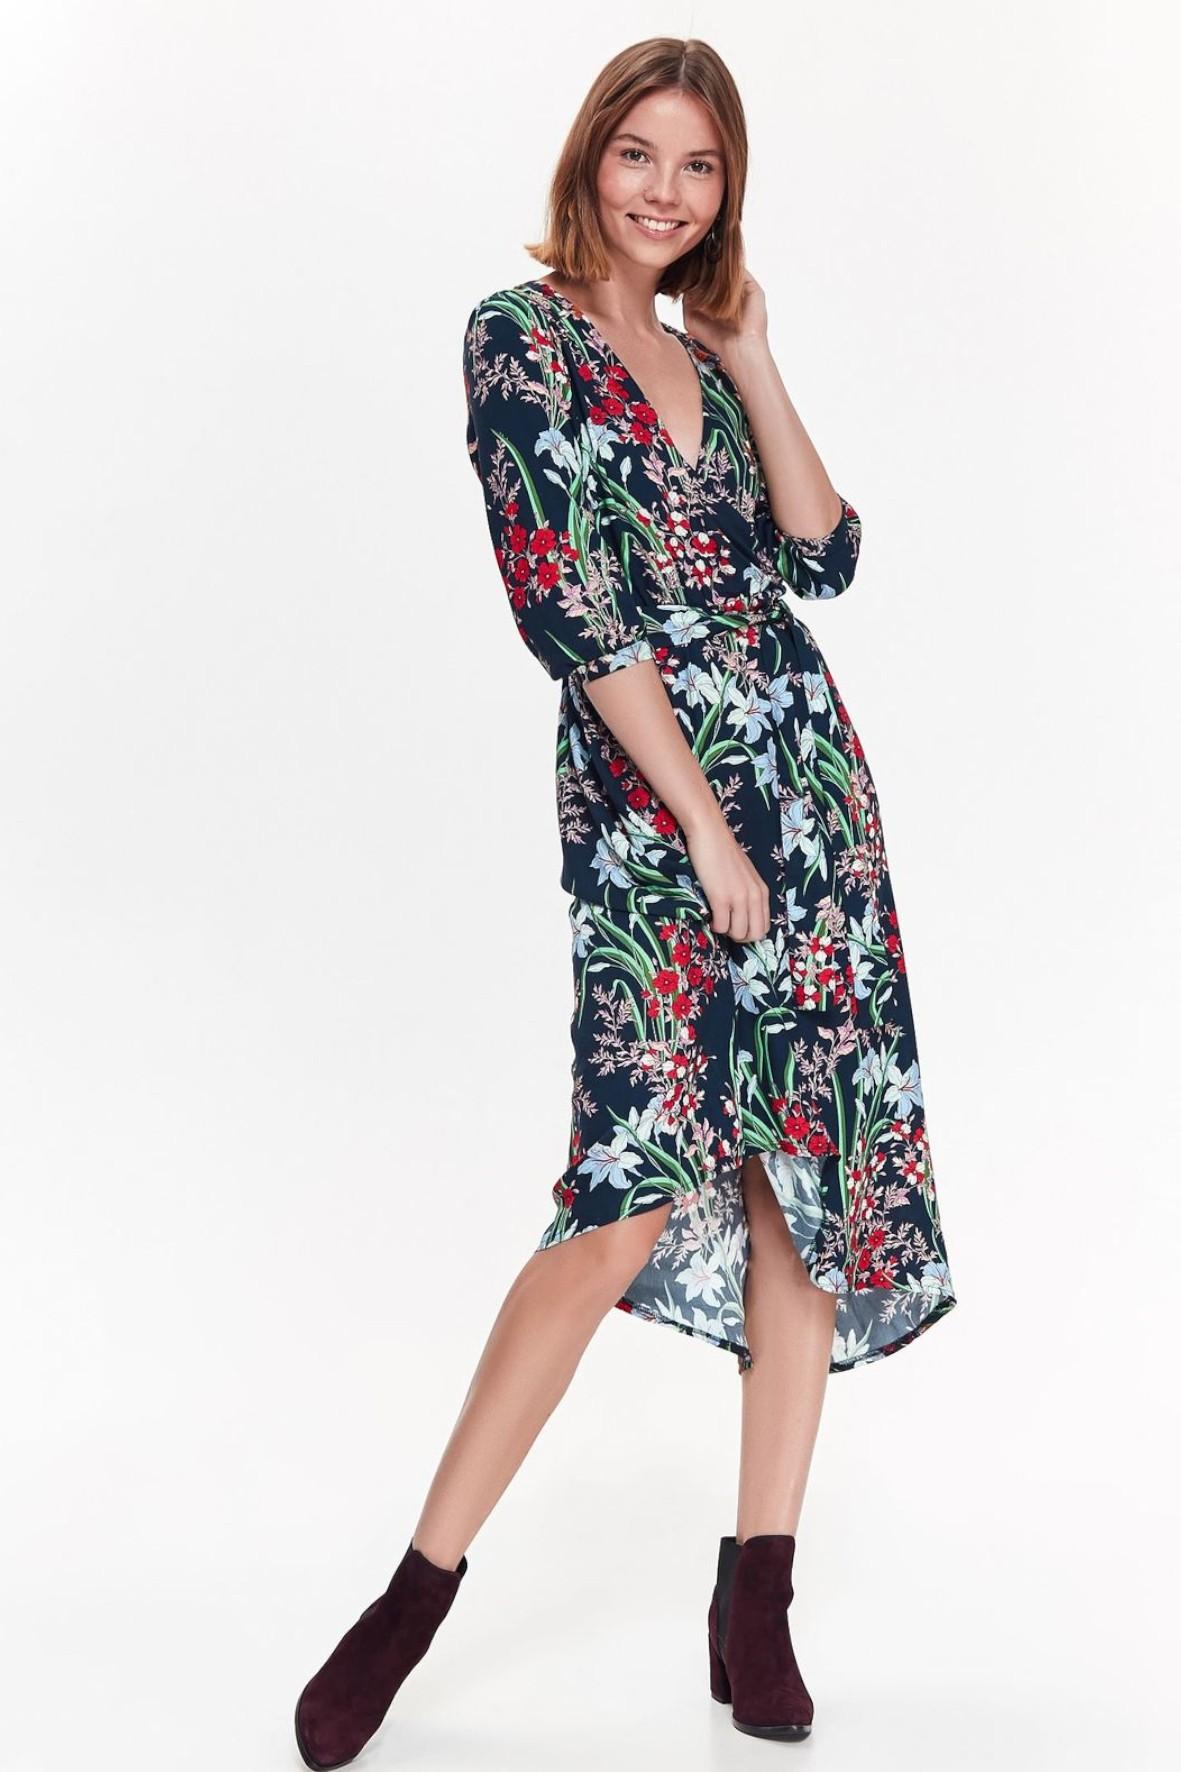 Granatowa  sukienka damska z kolorowymi kwiatami o luźnym fasonie z asymetrycznymi dłuższymi bokami